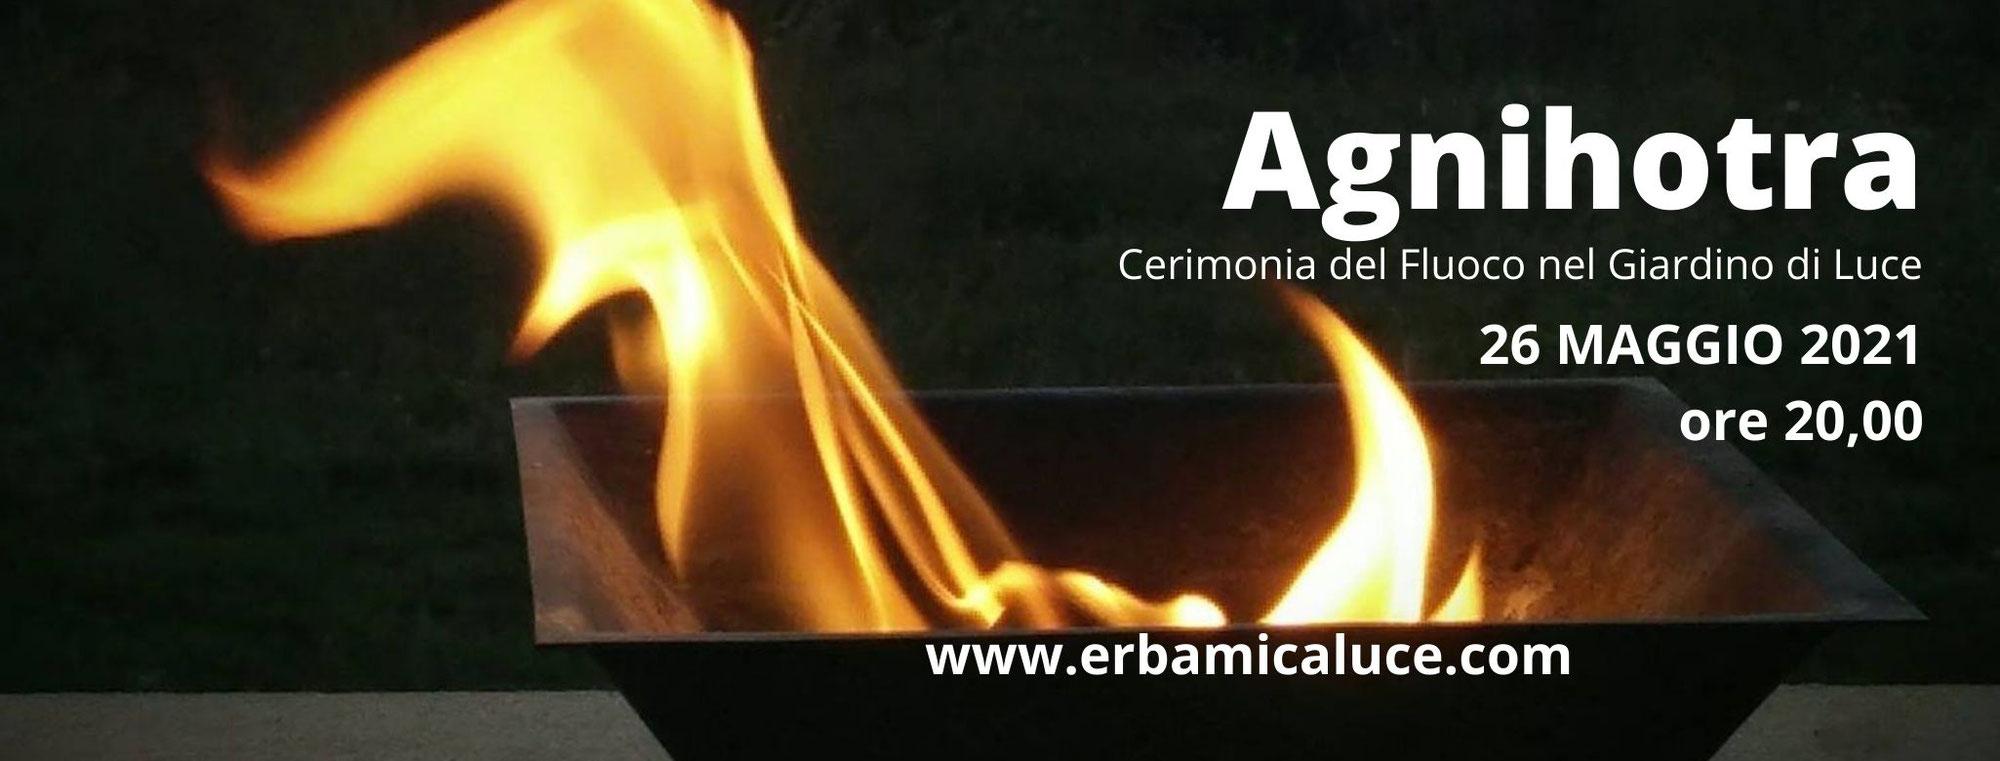 Agnihotra 2021  Cerimonia del fuoco